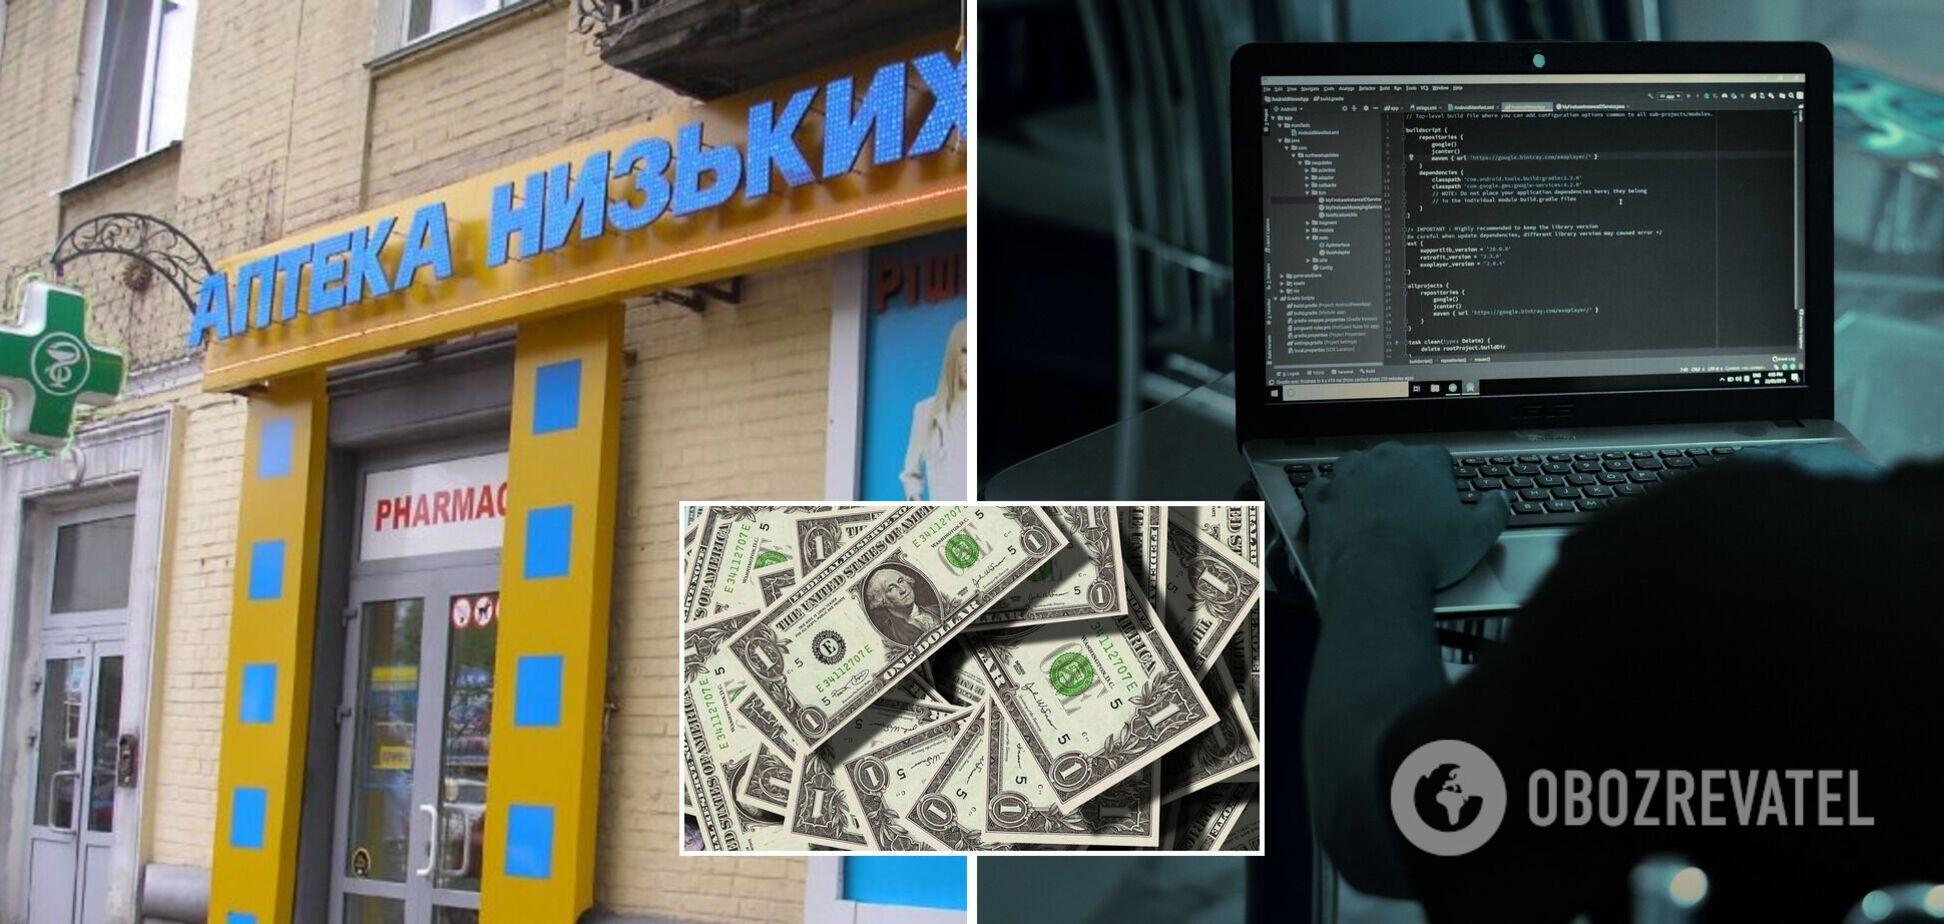 Хакеры взломали крупную сеть аптек в Украине